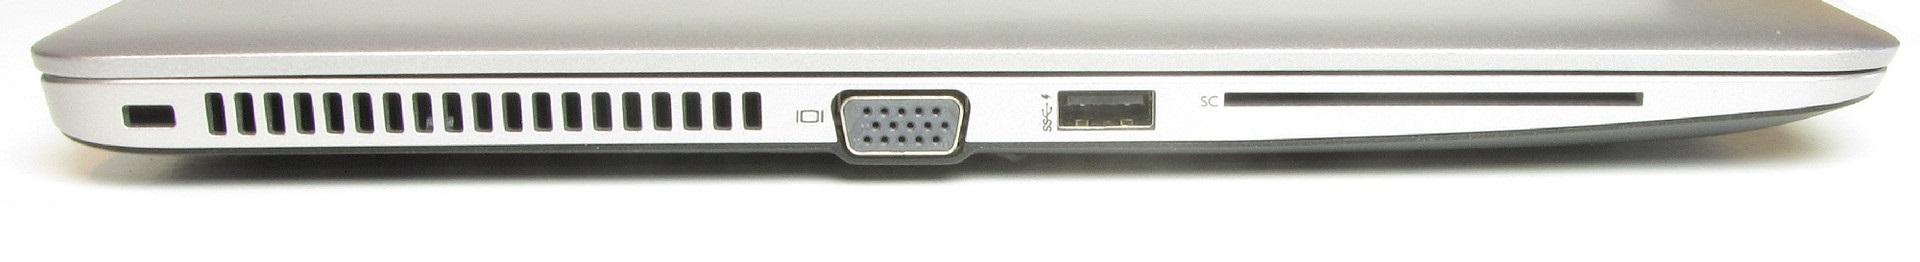 لپتاپ استوک HP مدل EliteBook 850 G3 پورت های چپ